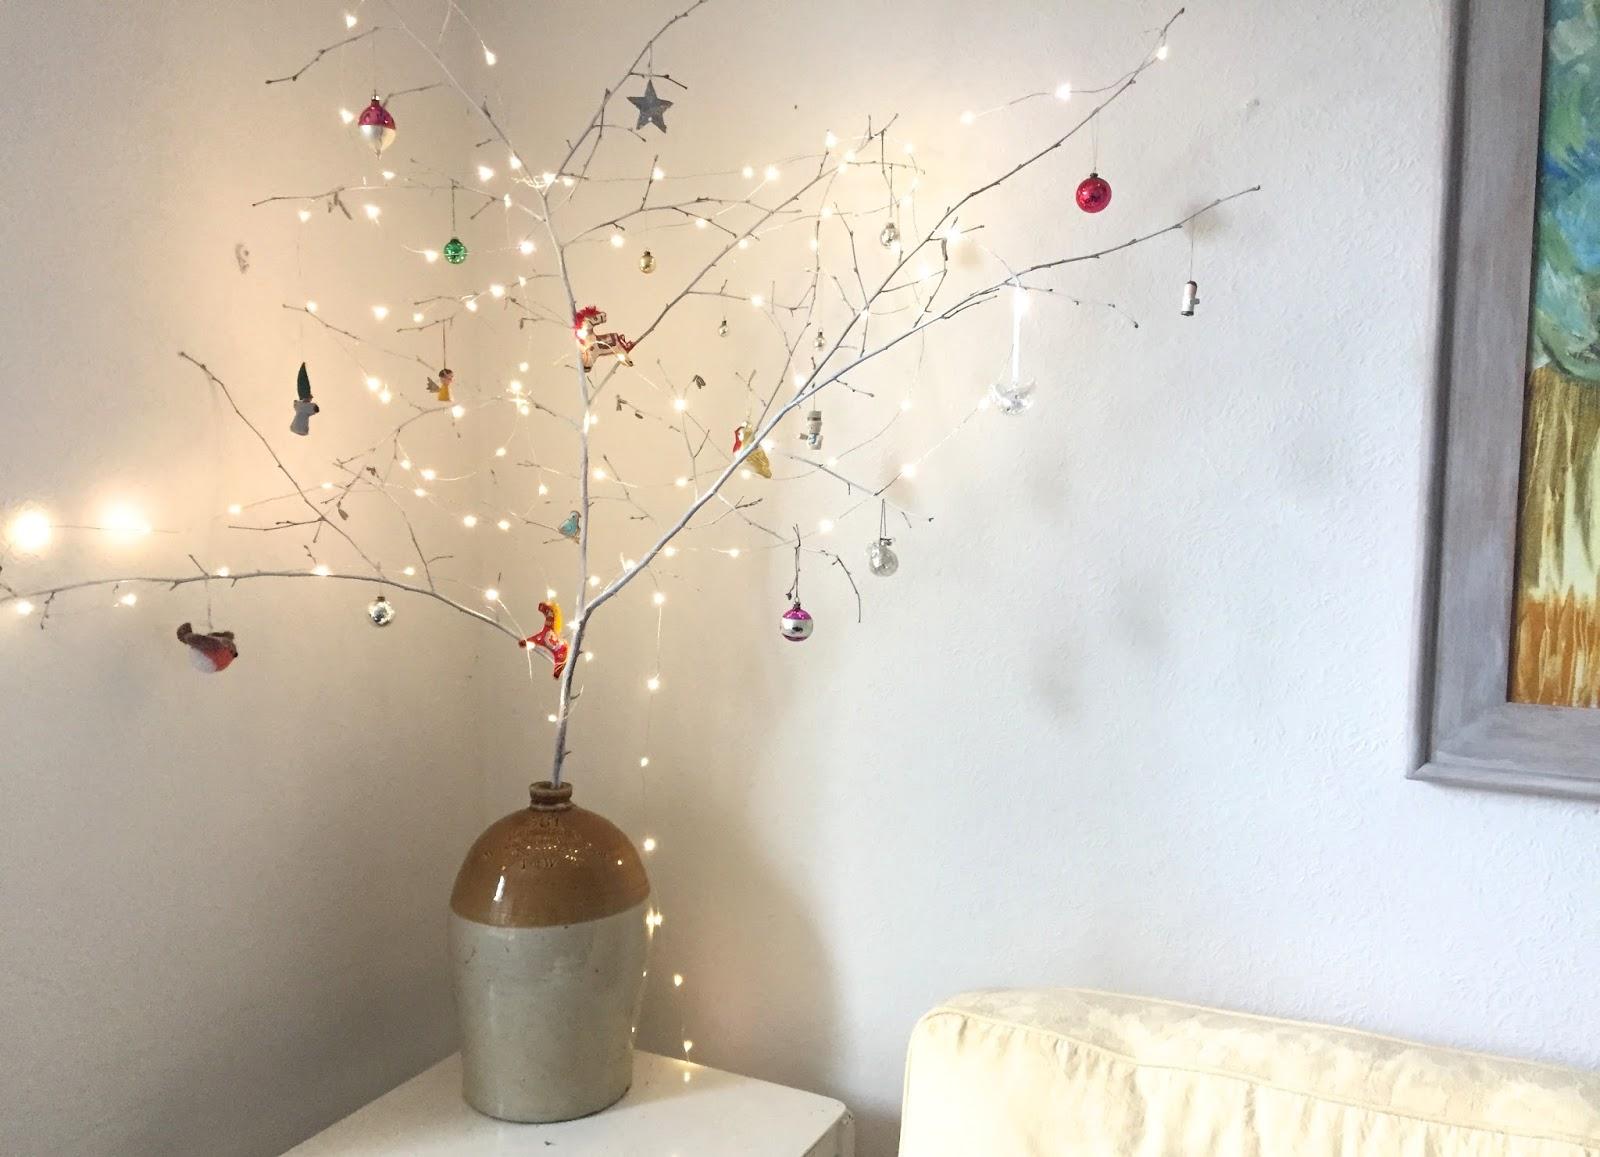 A Sunny Island : An Alternative Christmas Tree